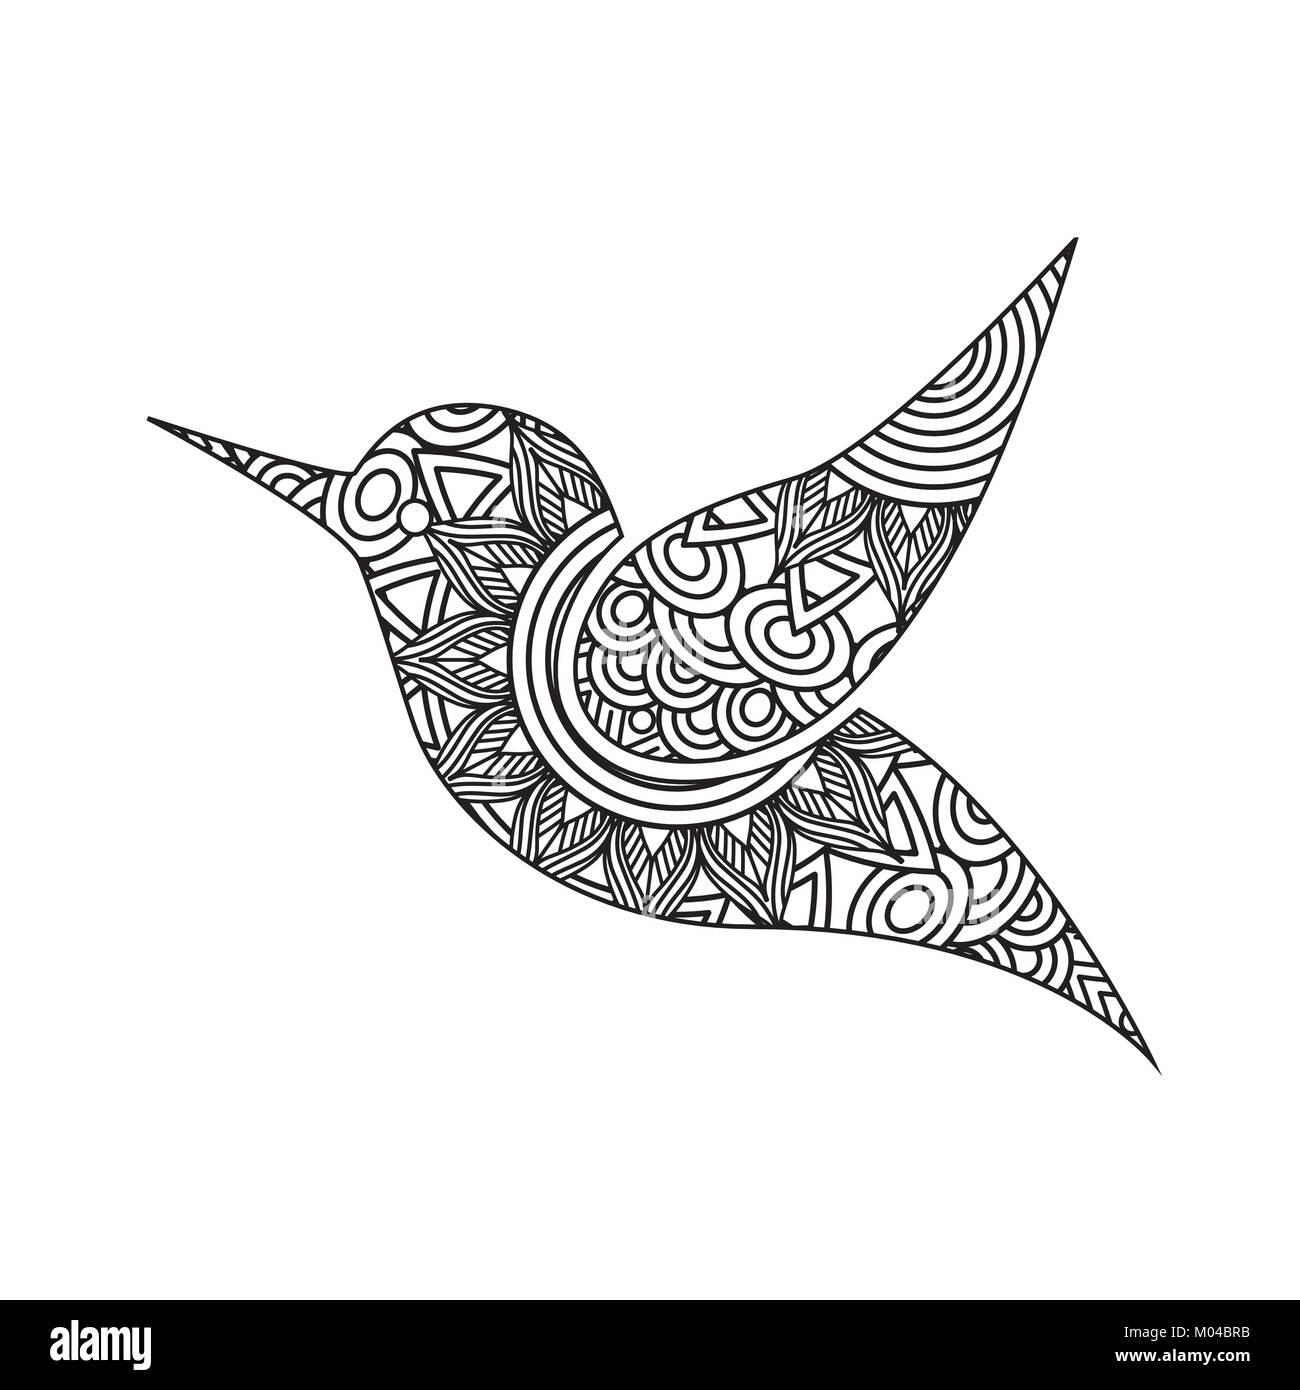 Dibujo para colorear zentangle pájaro adulto página Ilustración del ...